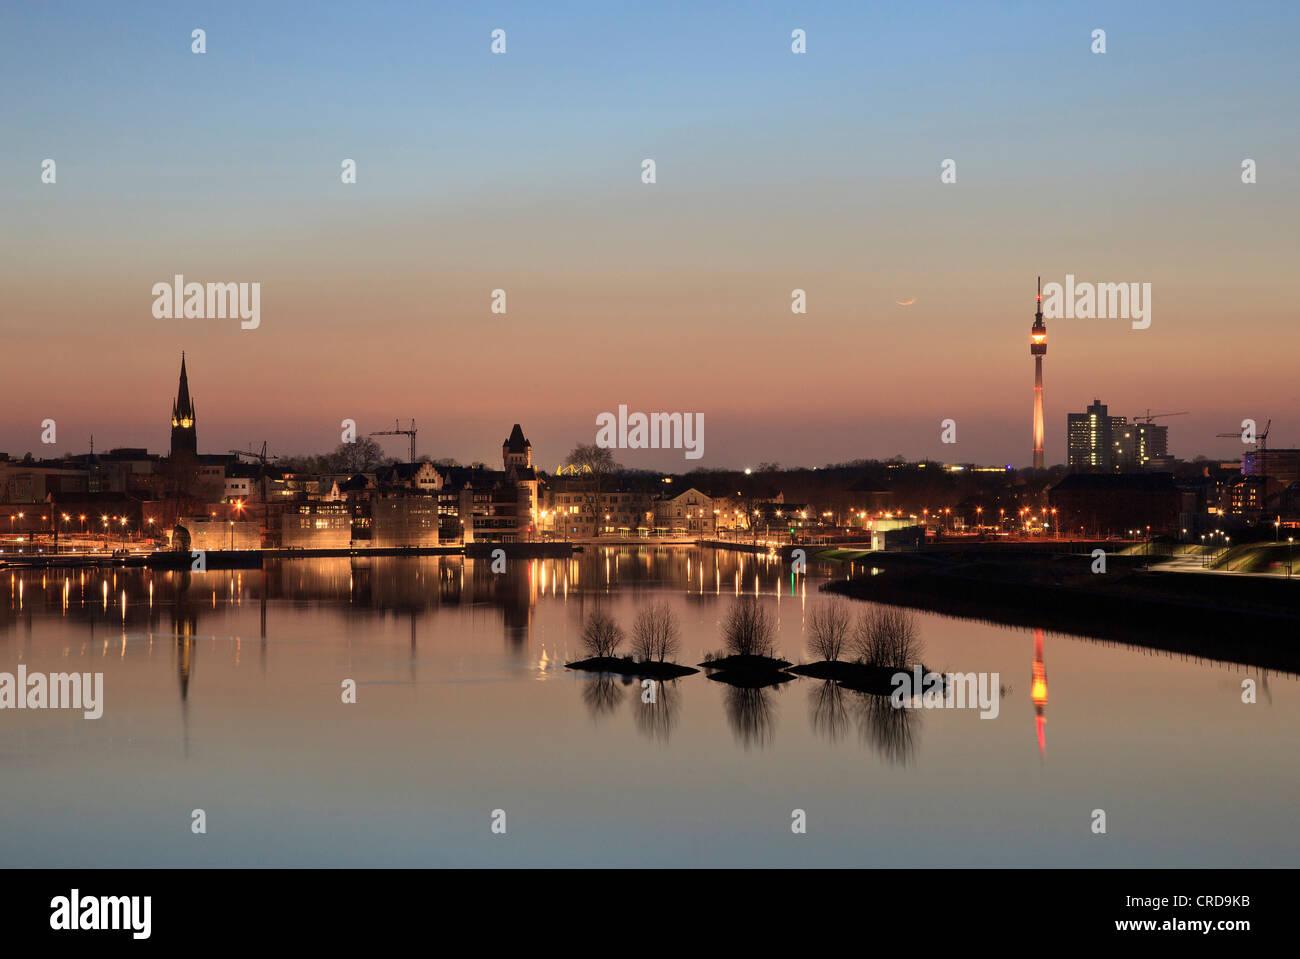 Lake Phoenix, Dortmund, North Rhine-Westphalia, Germany, Europe - Stock Image